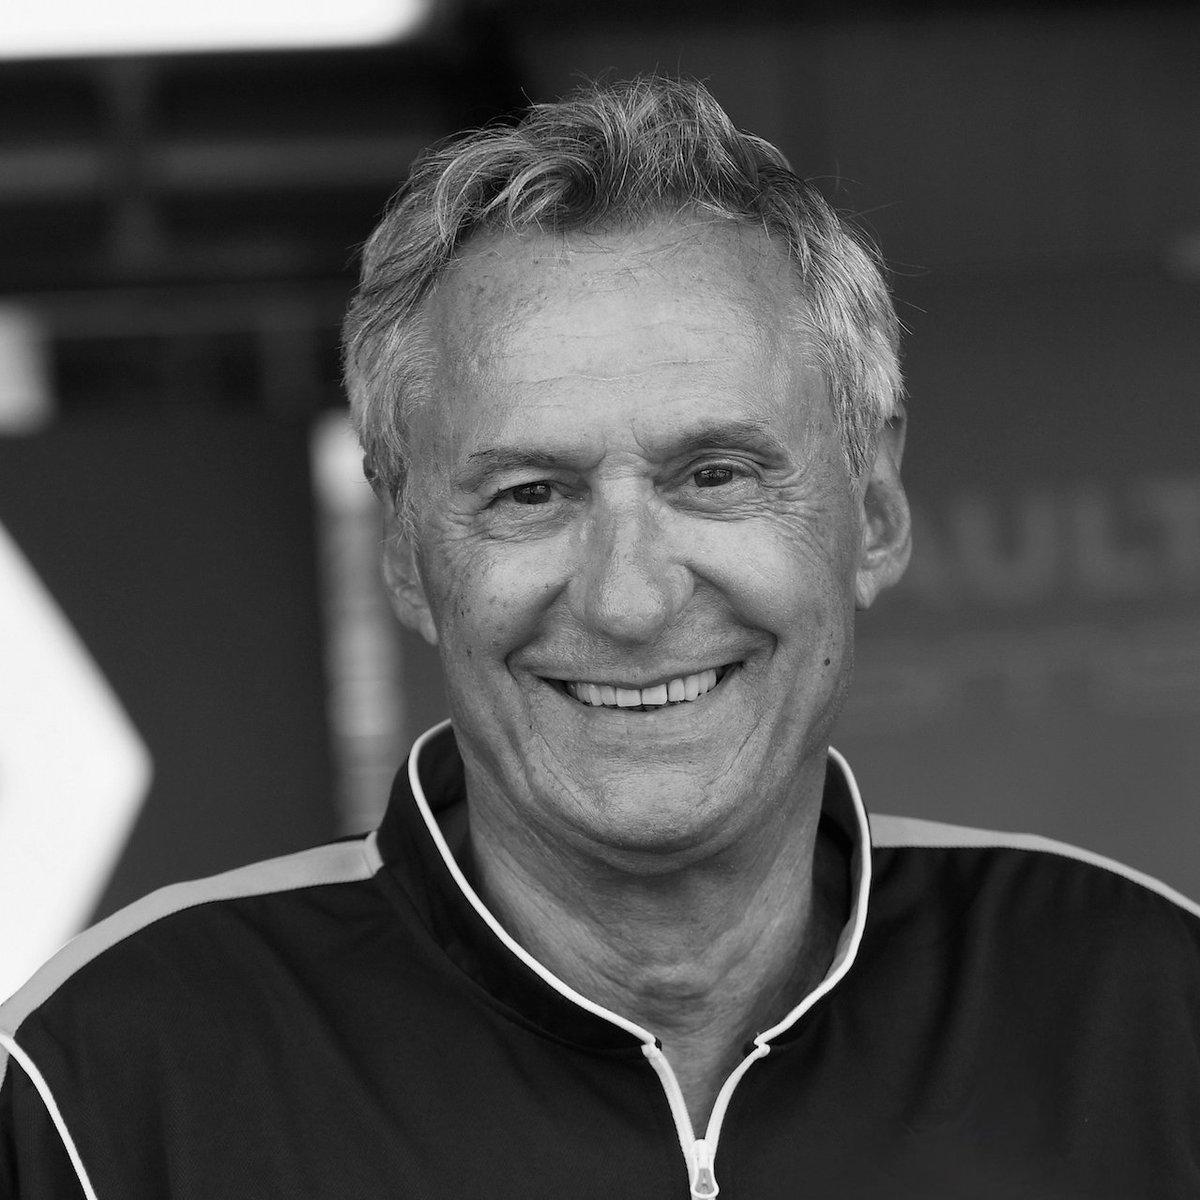 """Très triste nouvelle. Jean Paul était un vrai passionné et un vrai """"racer"""". Je lui serai à jamais reconnaissant de m'avoir permis de revenir en @F1. Il a fait énormément pour le sport auto français. Tu vas nous manquer JP."""